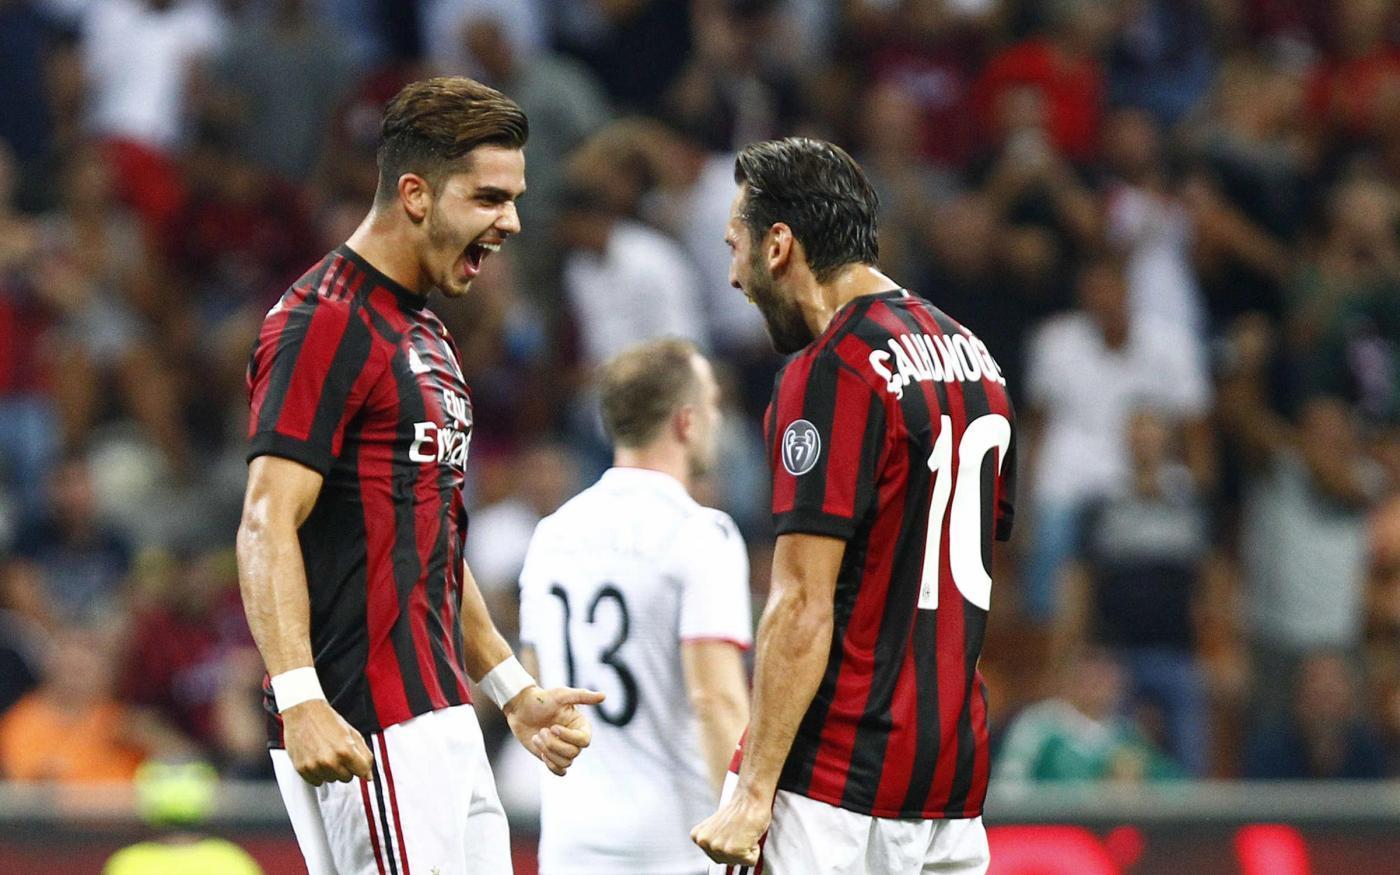 AC Milan oo xalay Yurub ka dhigtay sheeko ay ugu dambaysay 24 sano kahor & Hakan Çalhanoglu oo u dabbaaldegey!! + Sawirro